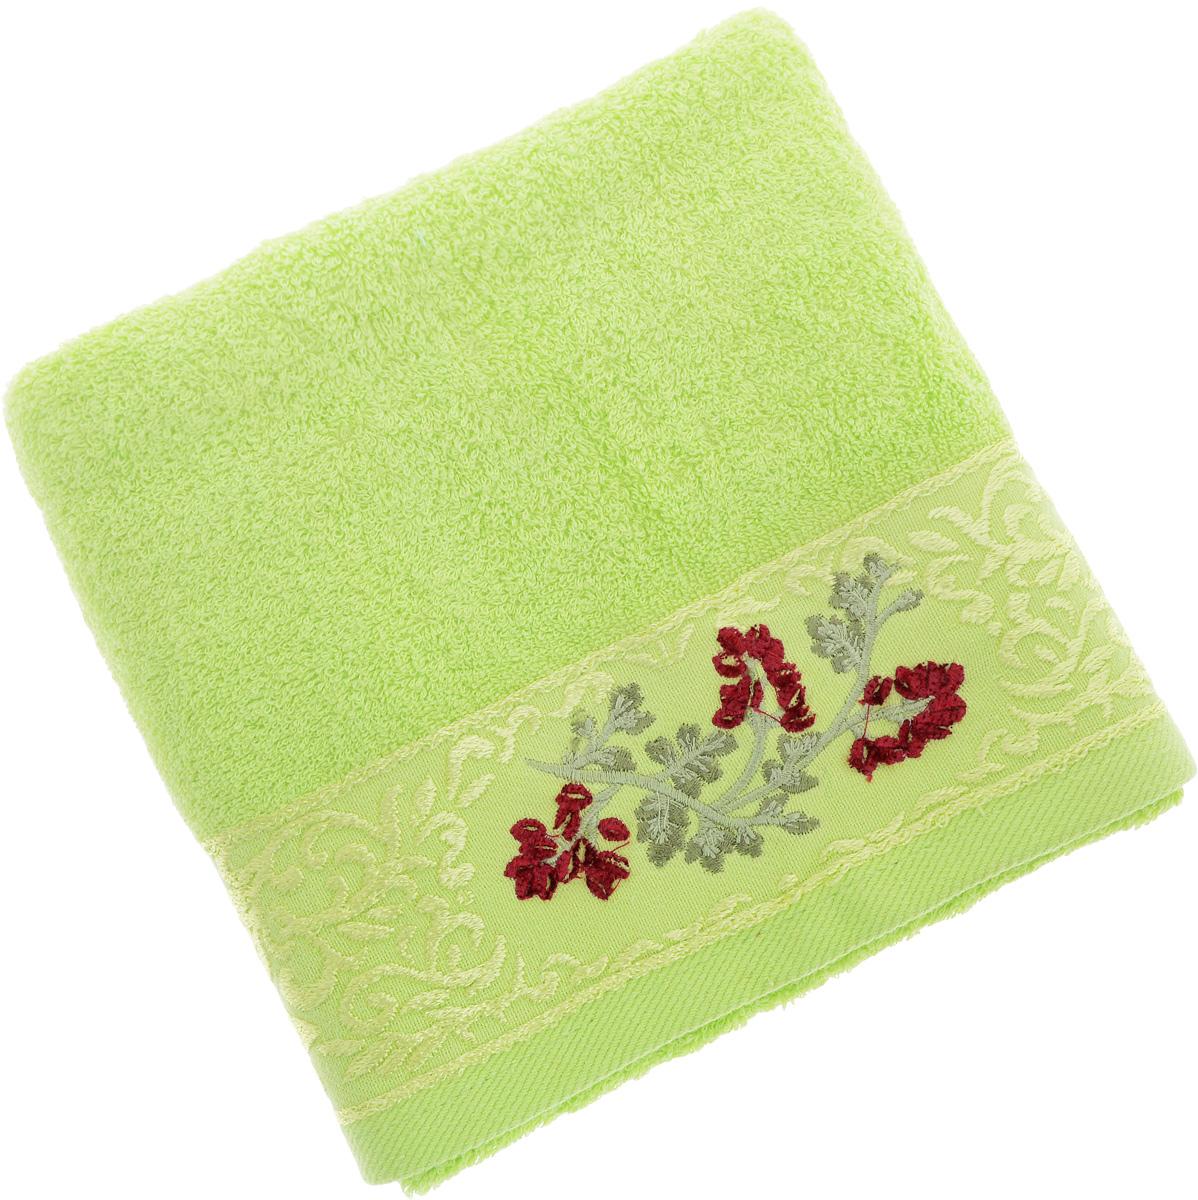 Полотенце Soavita Кизил, цвет: светло-зеленый, 50 х 90 см68/5/3Полотенце Soavita Кизил выполнено из 100% хлопка. Изделие отлично впитывает влагу, быстро сохнет, сохраняет яркость цвета и не теряет форму даже после многократных стирок. Полотенце очень практично и неприхотливо в уходе. Оно создаст прекрасное настроение и украсит интерьер в ванной комнате.